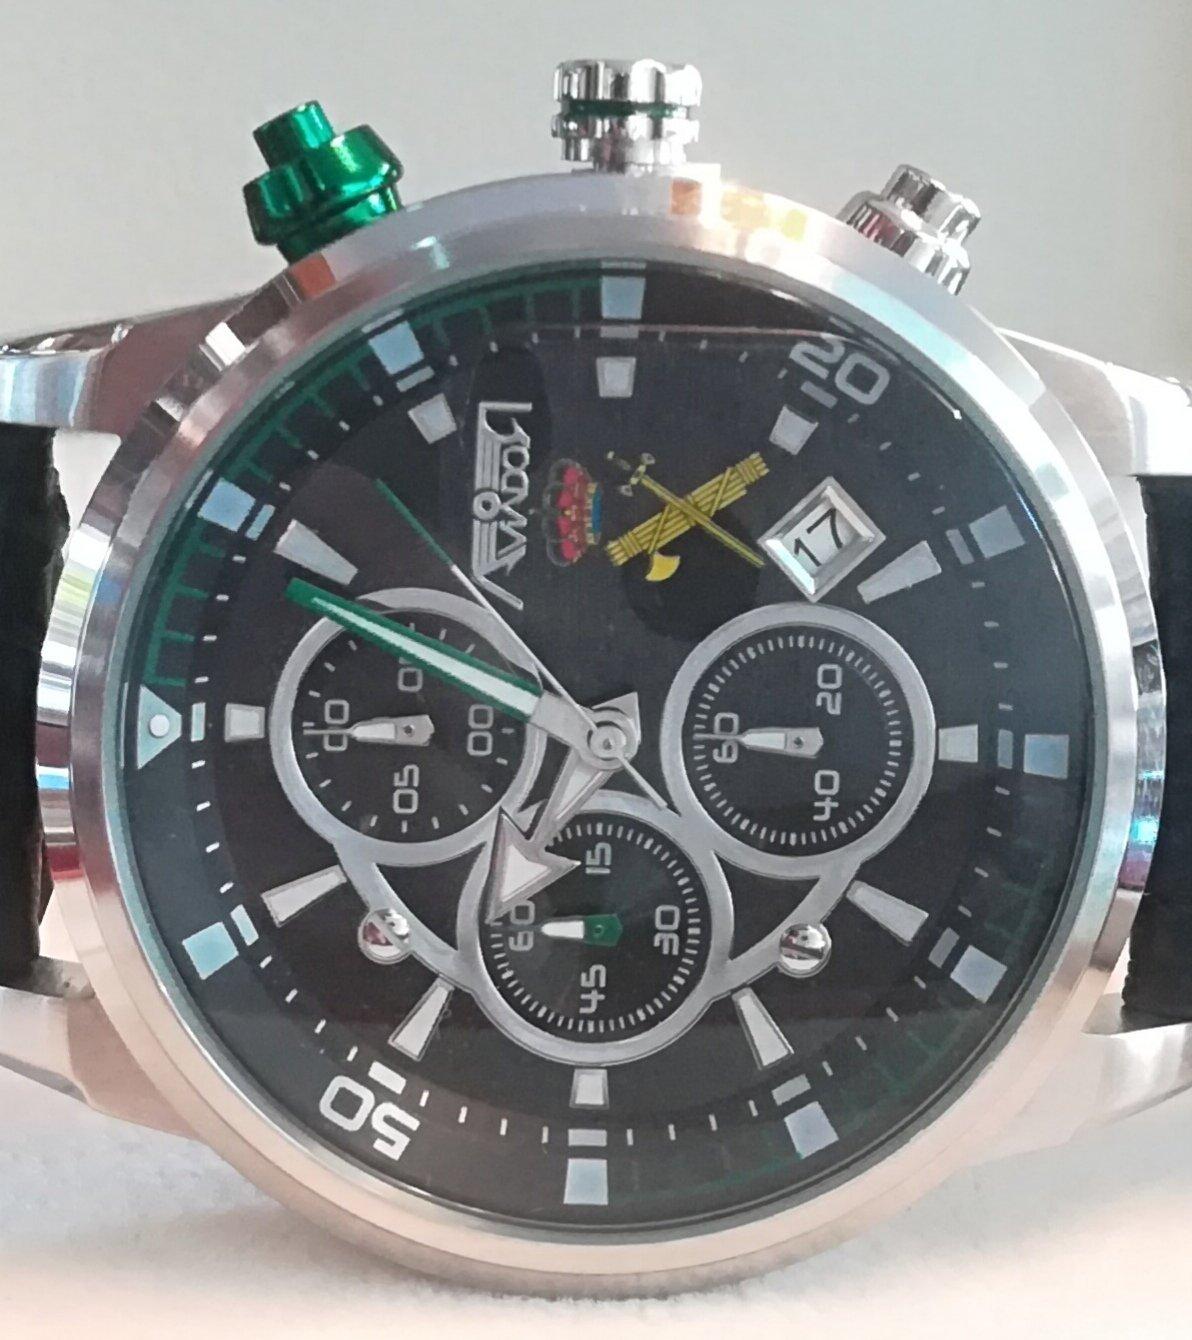 reloj guardia civil aviador en joyeriaservan.com